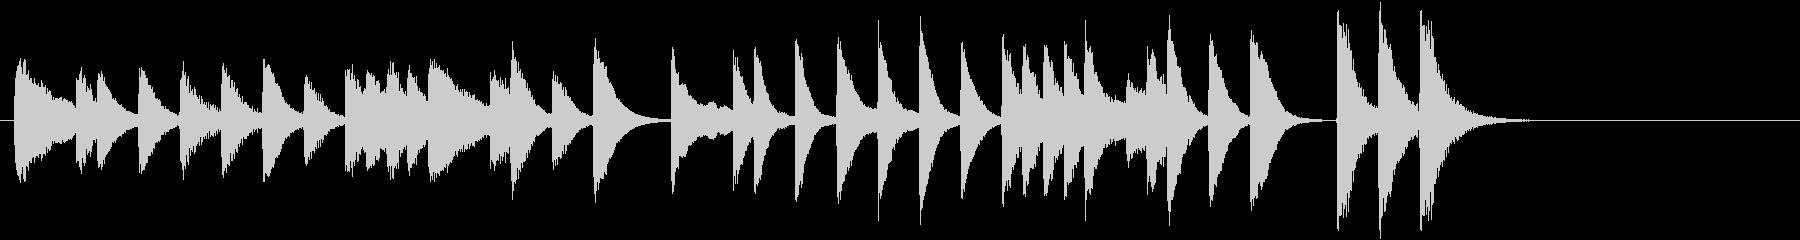 ひいらぎかざろうモチーフピアノジングルAの未再生の波形